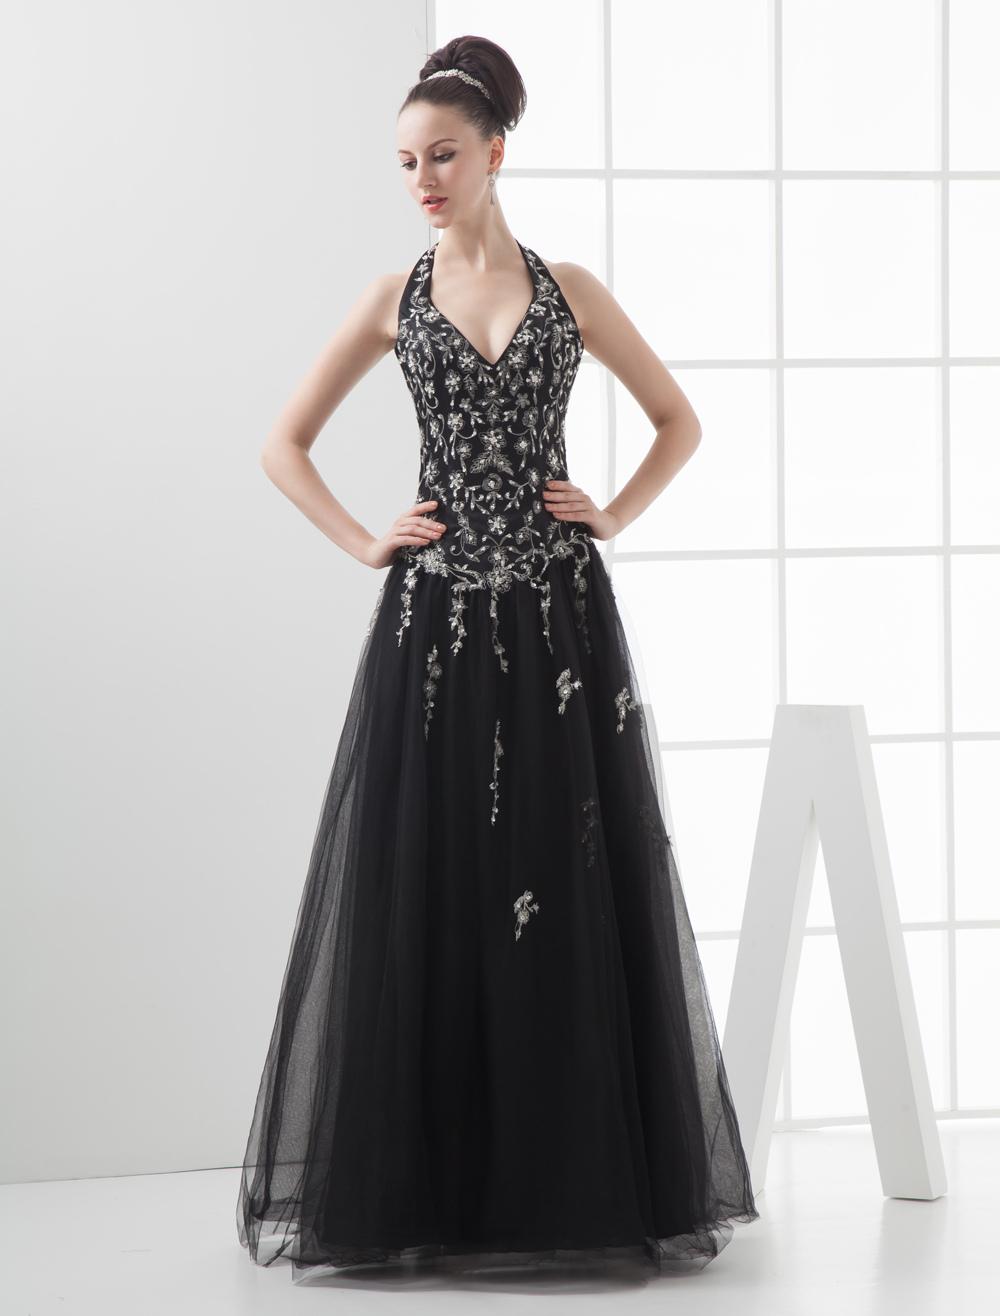 Embroidered Beading V-Neck Floor-Length Black Net Ball Gown